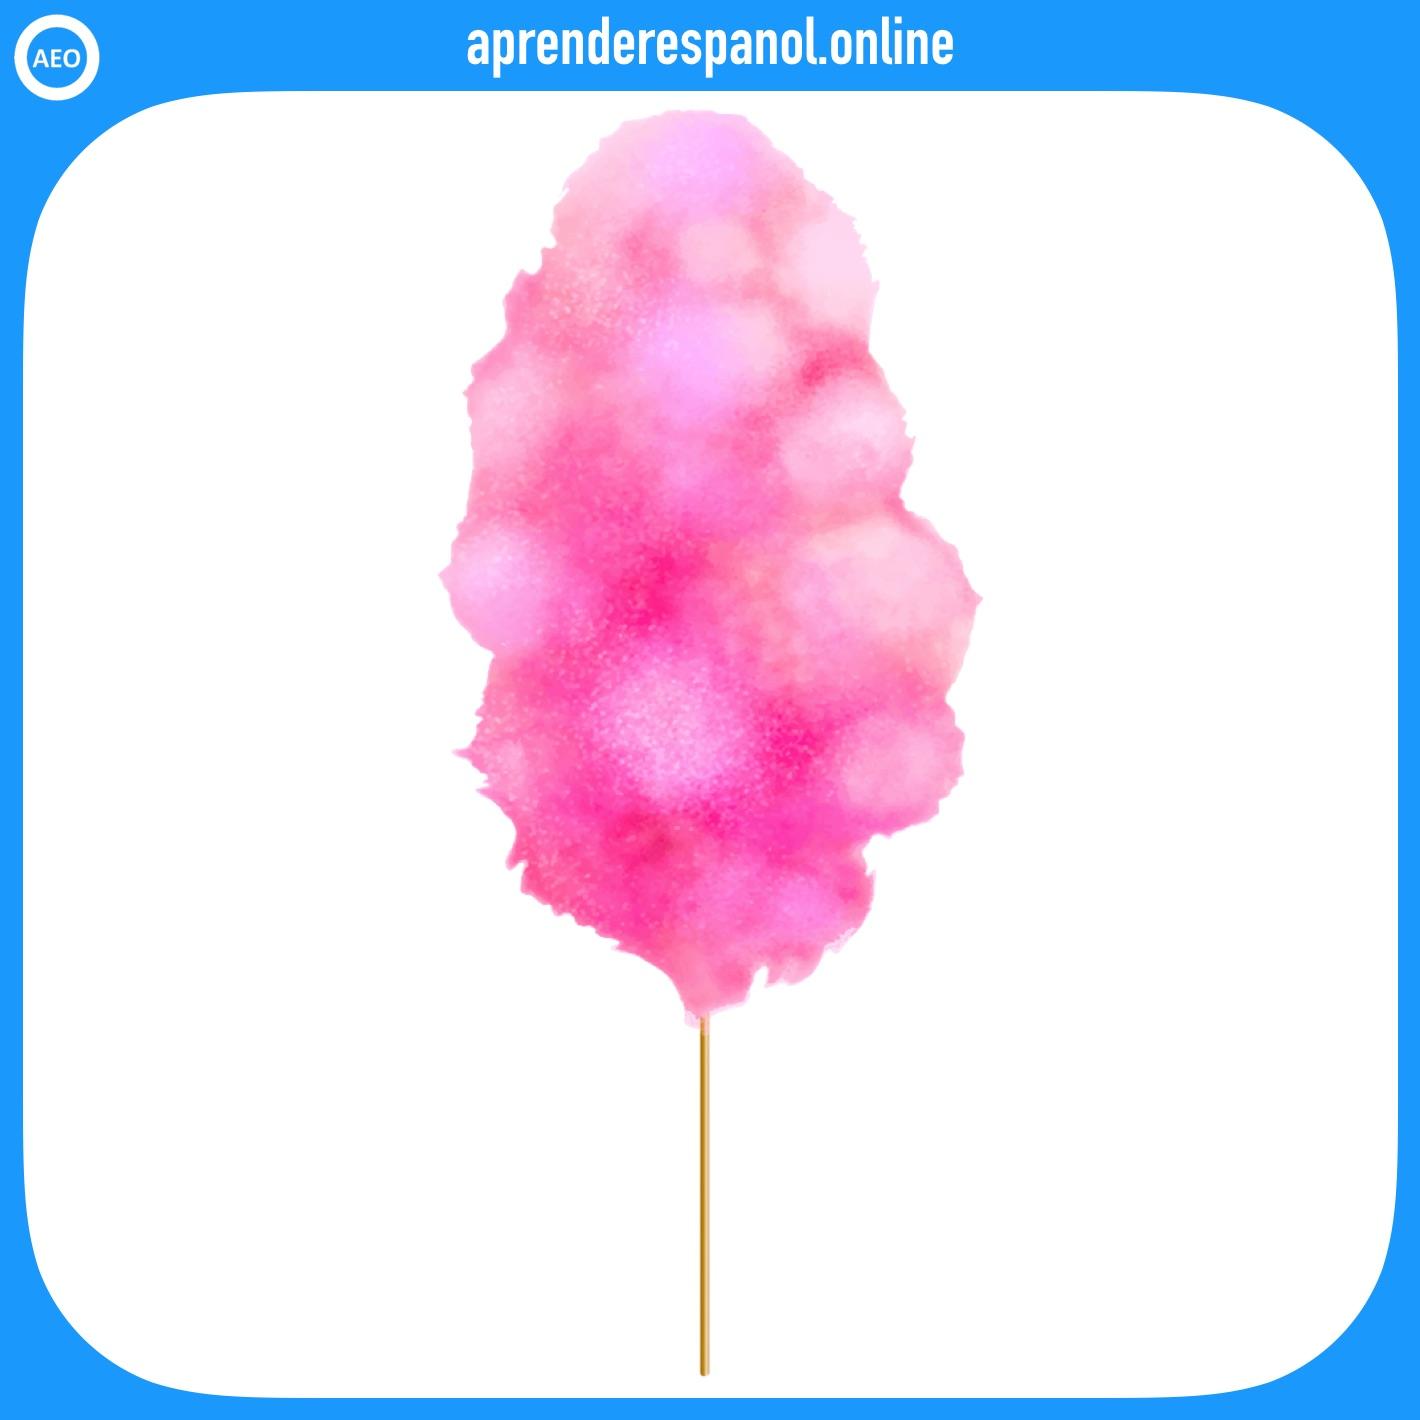 algodón de azúcar   postres y dulces en español   vocabulario de los postres en español